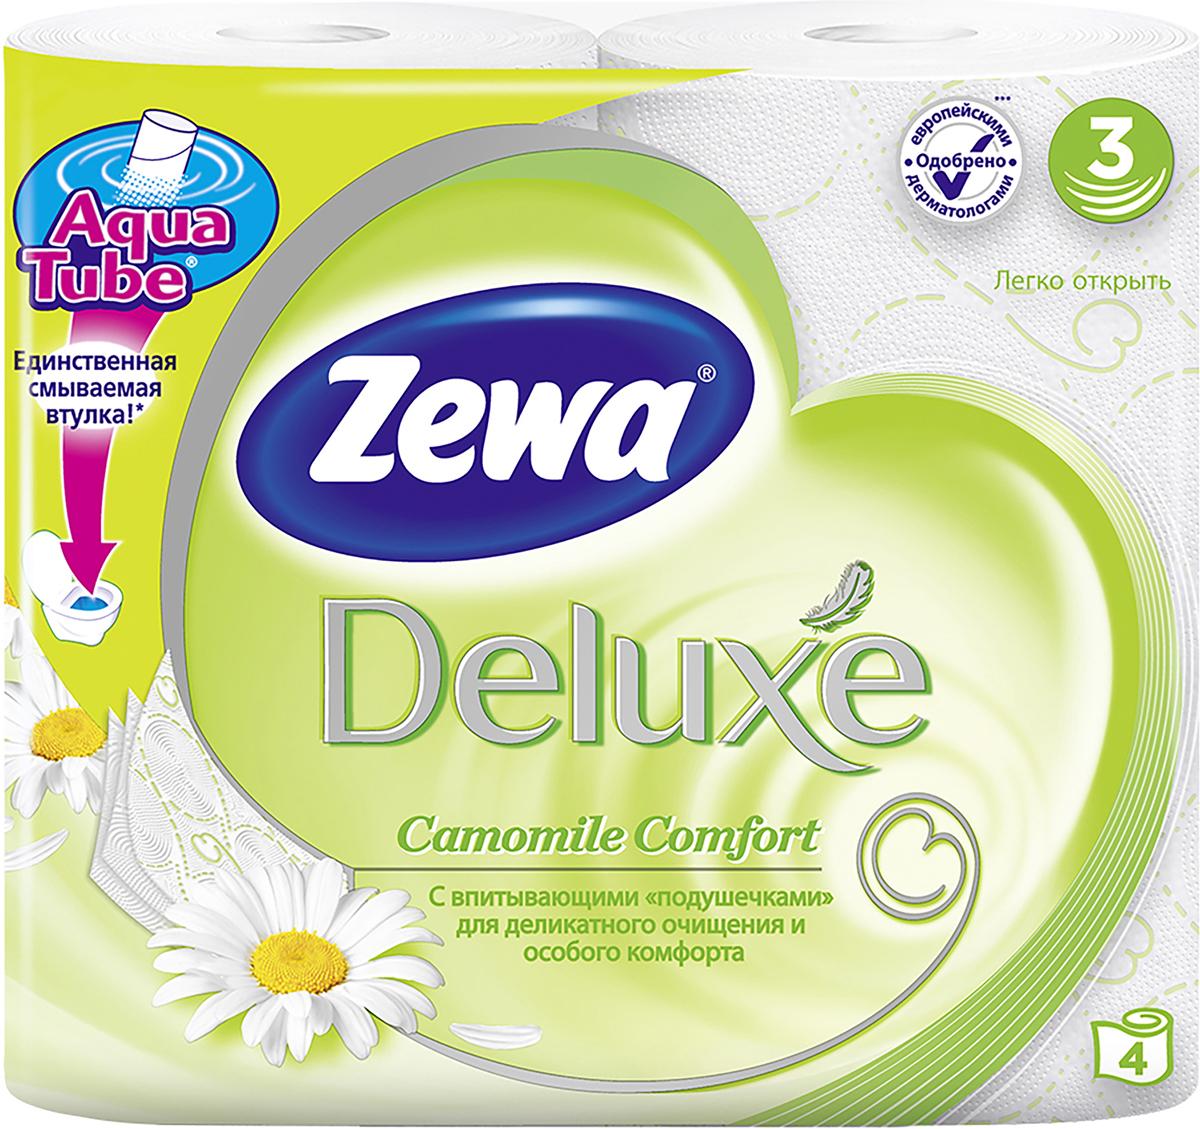 Бумага туалетная Zewa Deluxe. Ромашка, 3 слоя, 4 рулона бумага туалетная мягкий знак deluxe лимон ароматизированная двухслойная 4 рулона